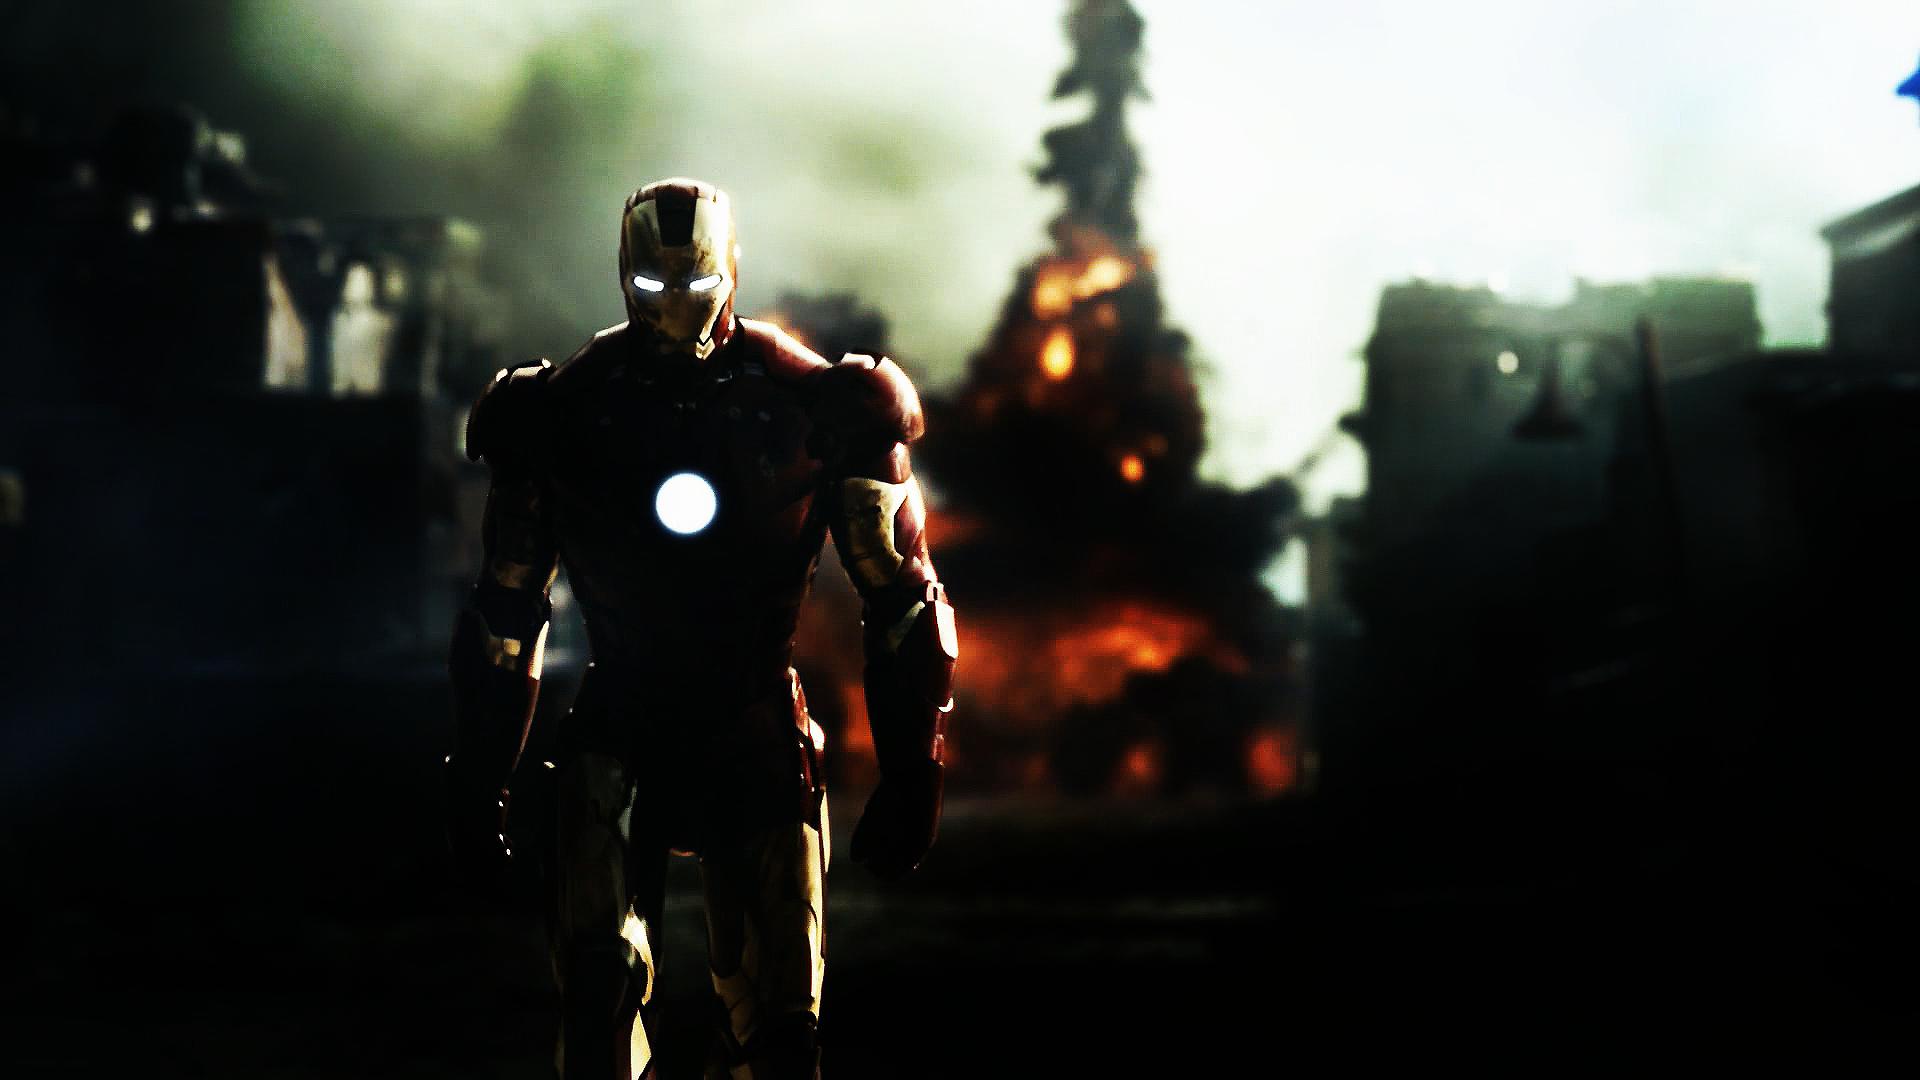 iron man 1920x1080